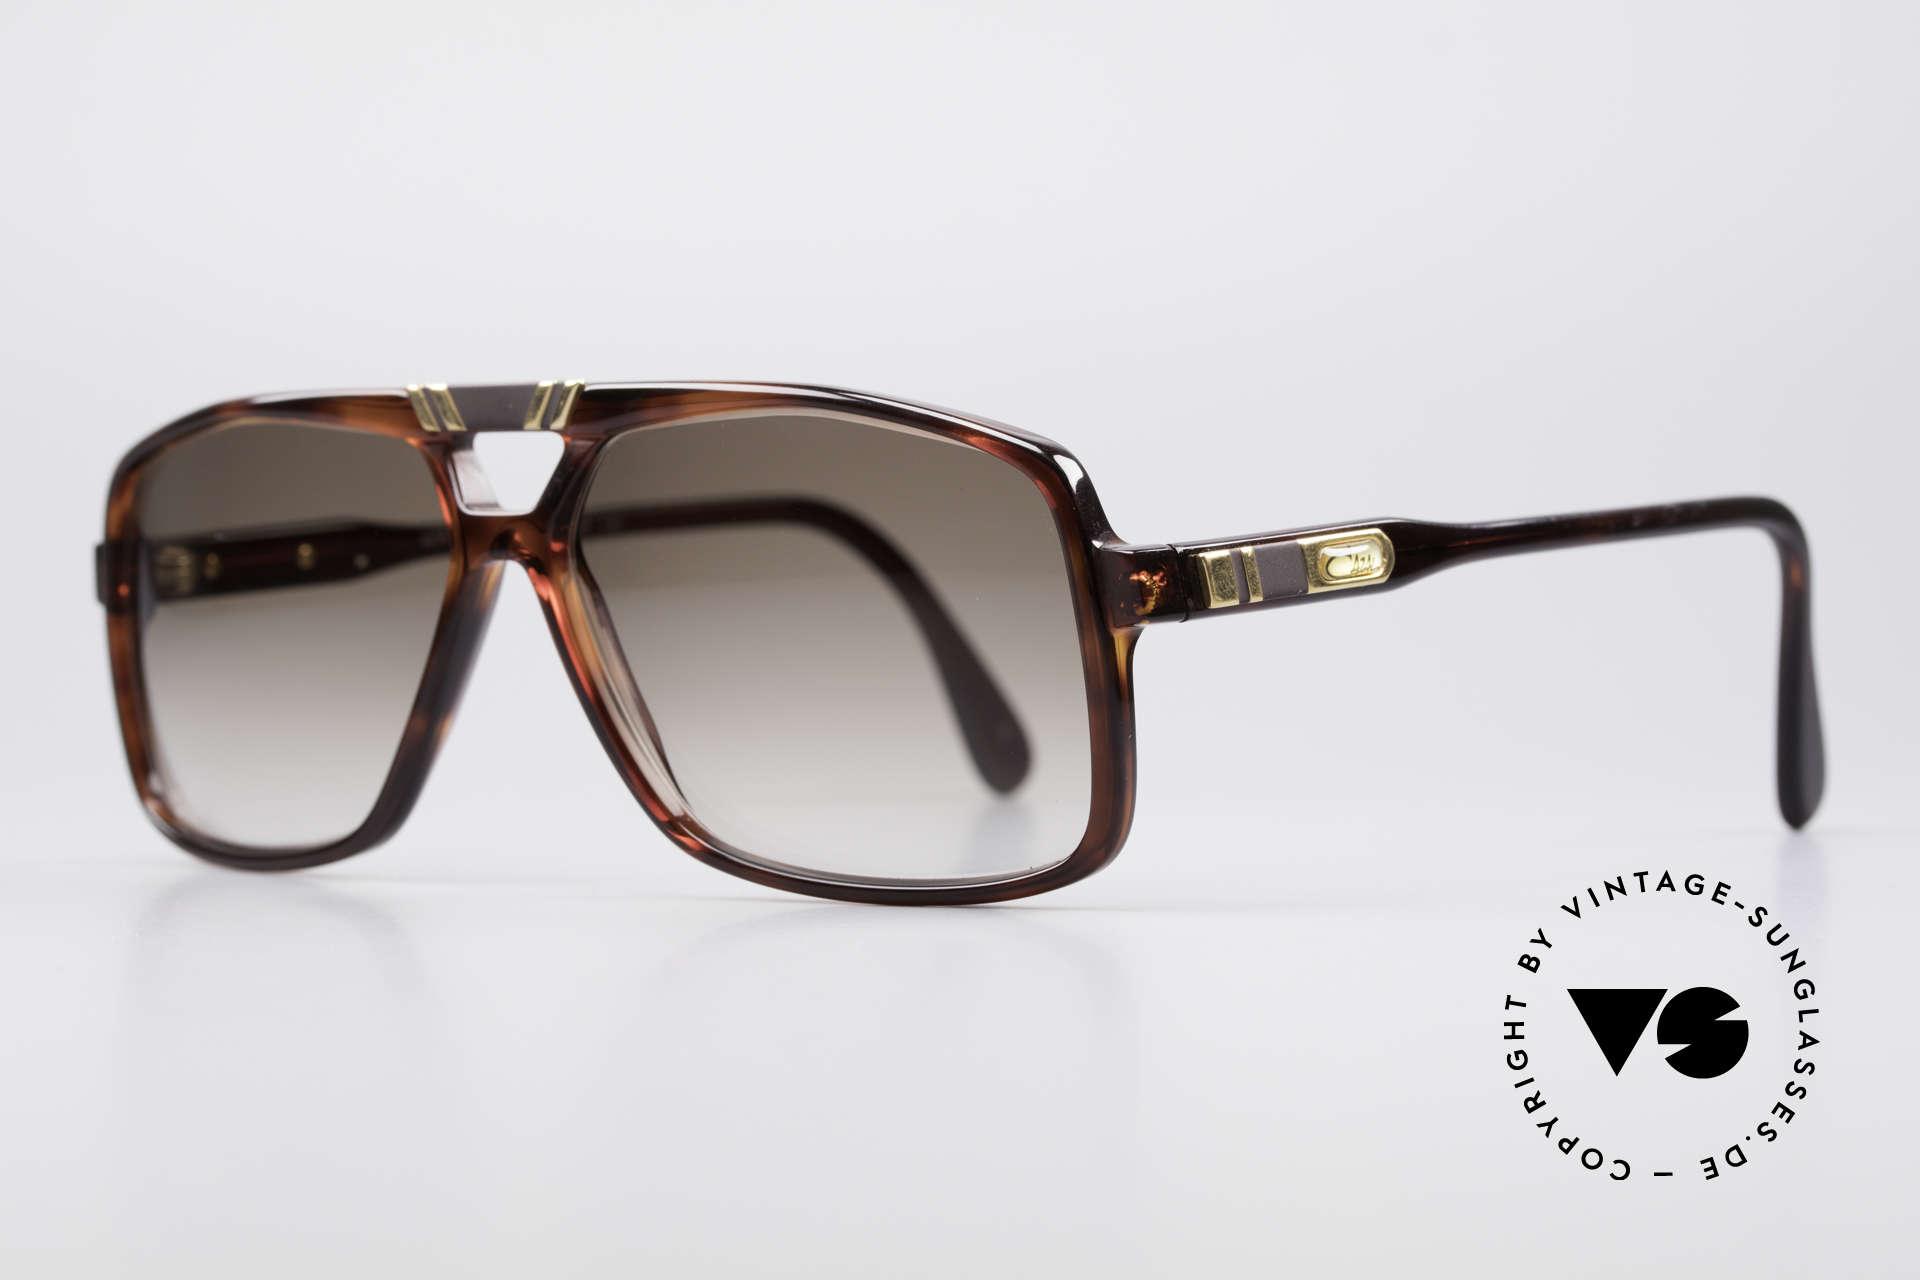 Cazal 637 1980er HipHop Sonnenbrille, fester Bestandteil der amerik. HipHop-Szene, Passend für Herren